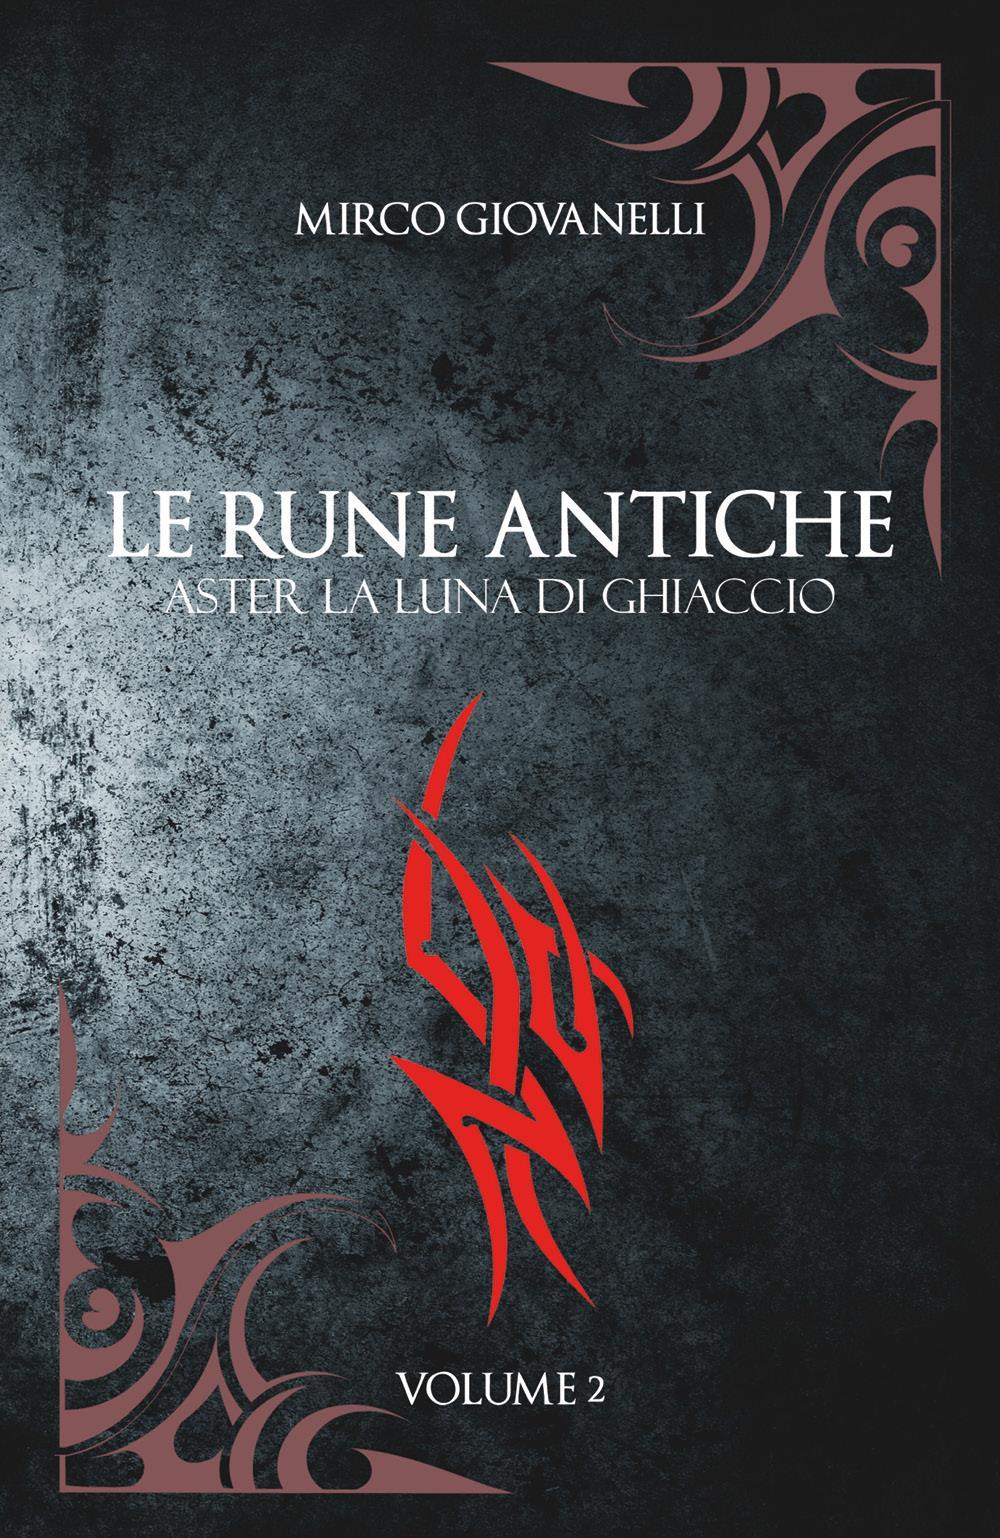 Le Rune Antiche Vol.2 ASTER La Luna di Ghiaccio